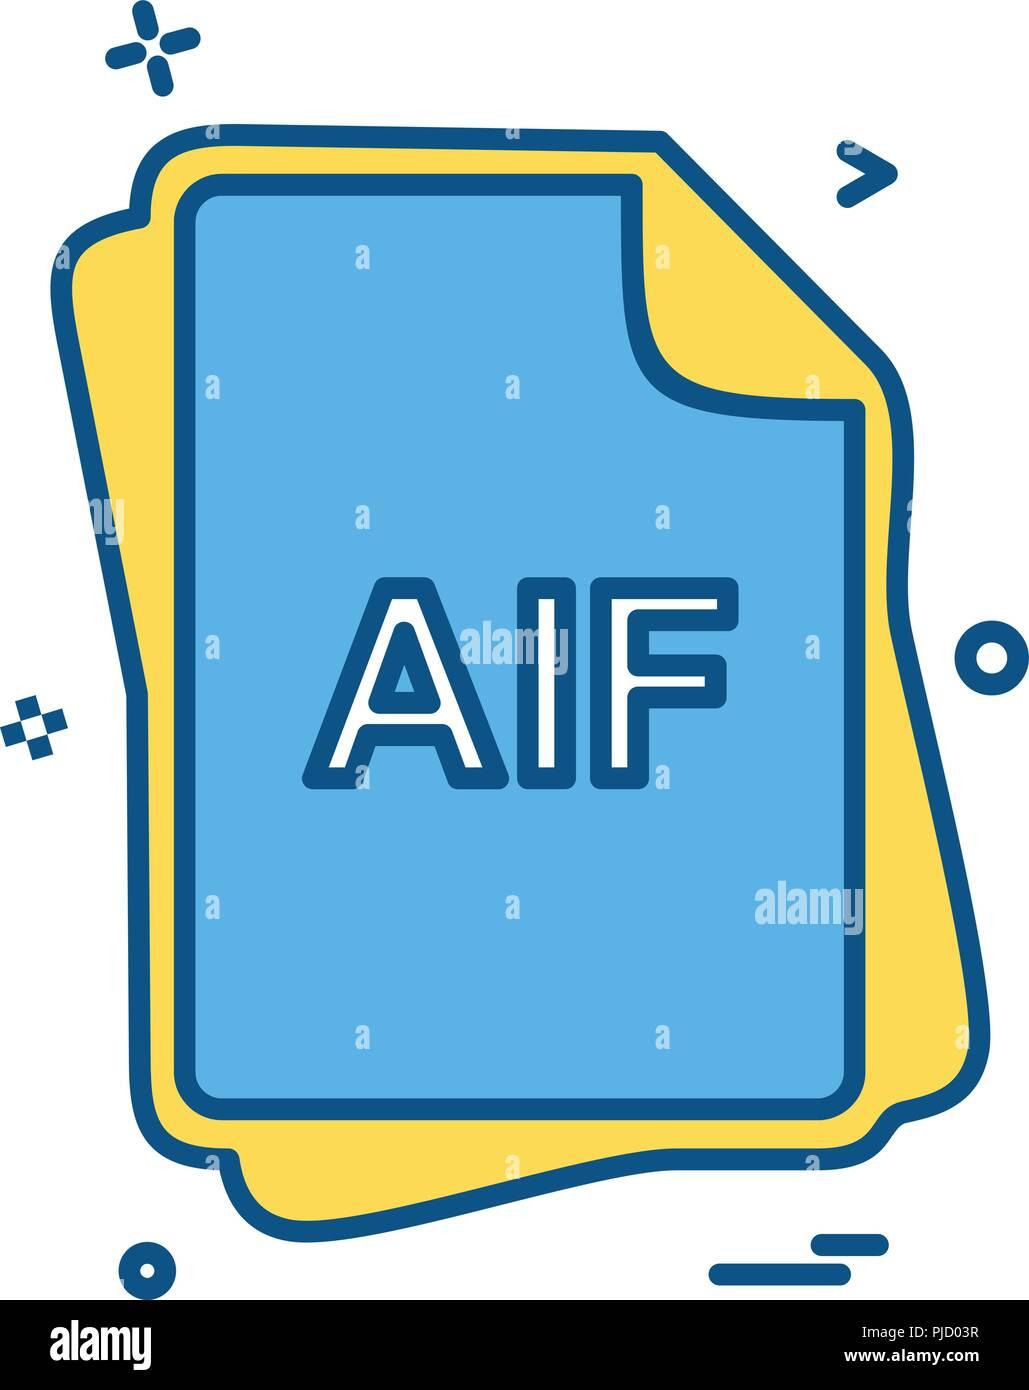 Aif Stock Photos Aif Stock Images Alamy